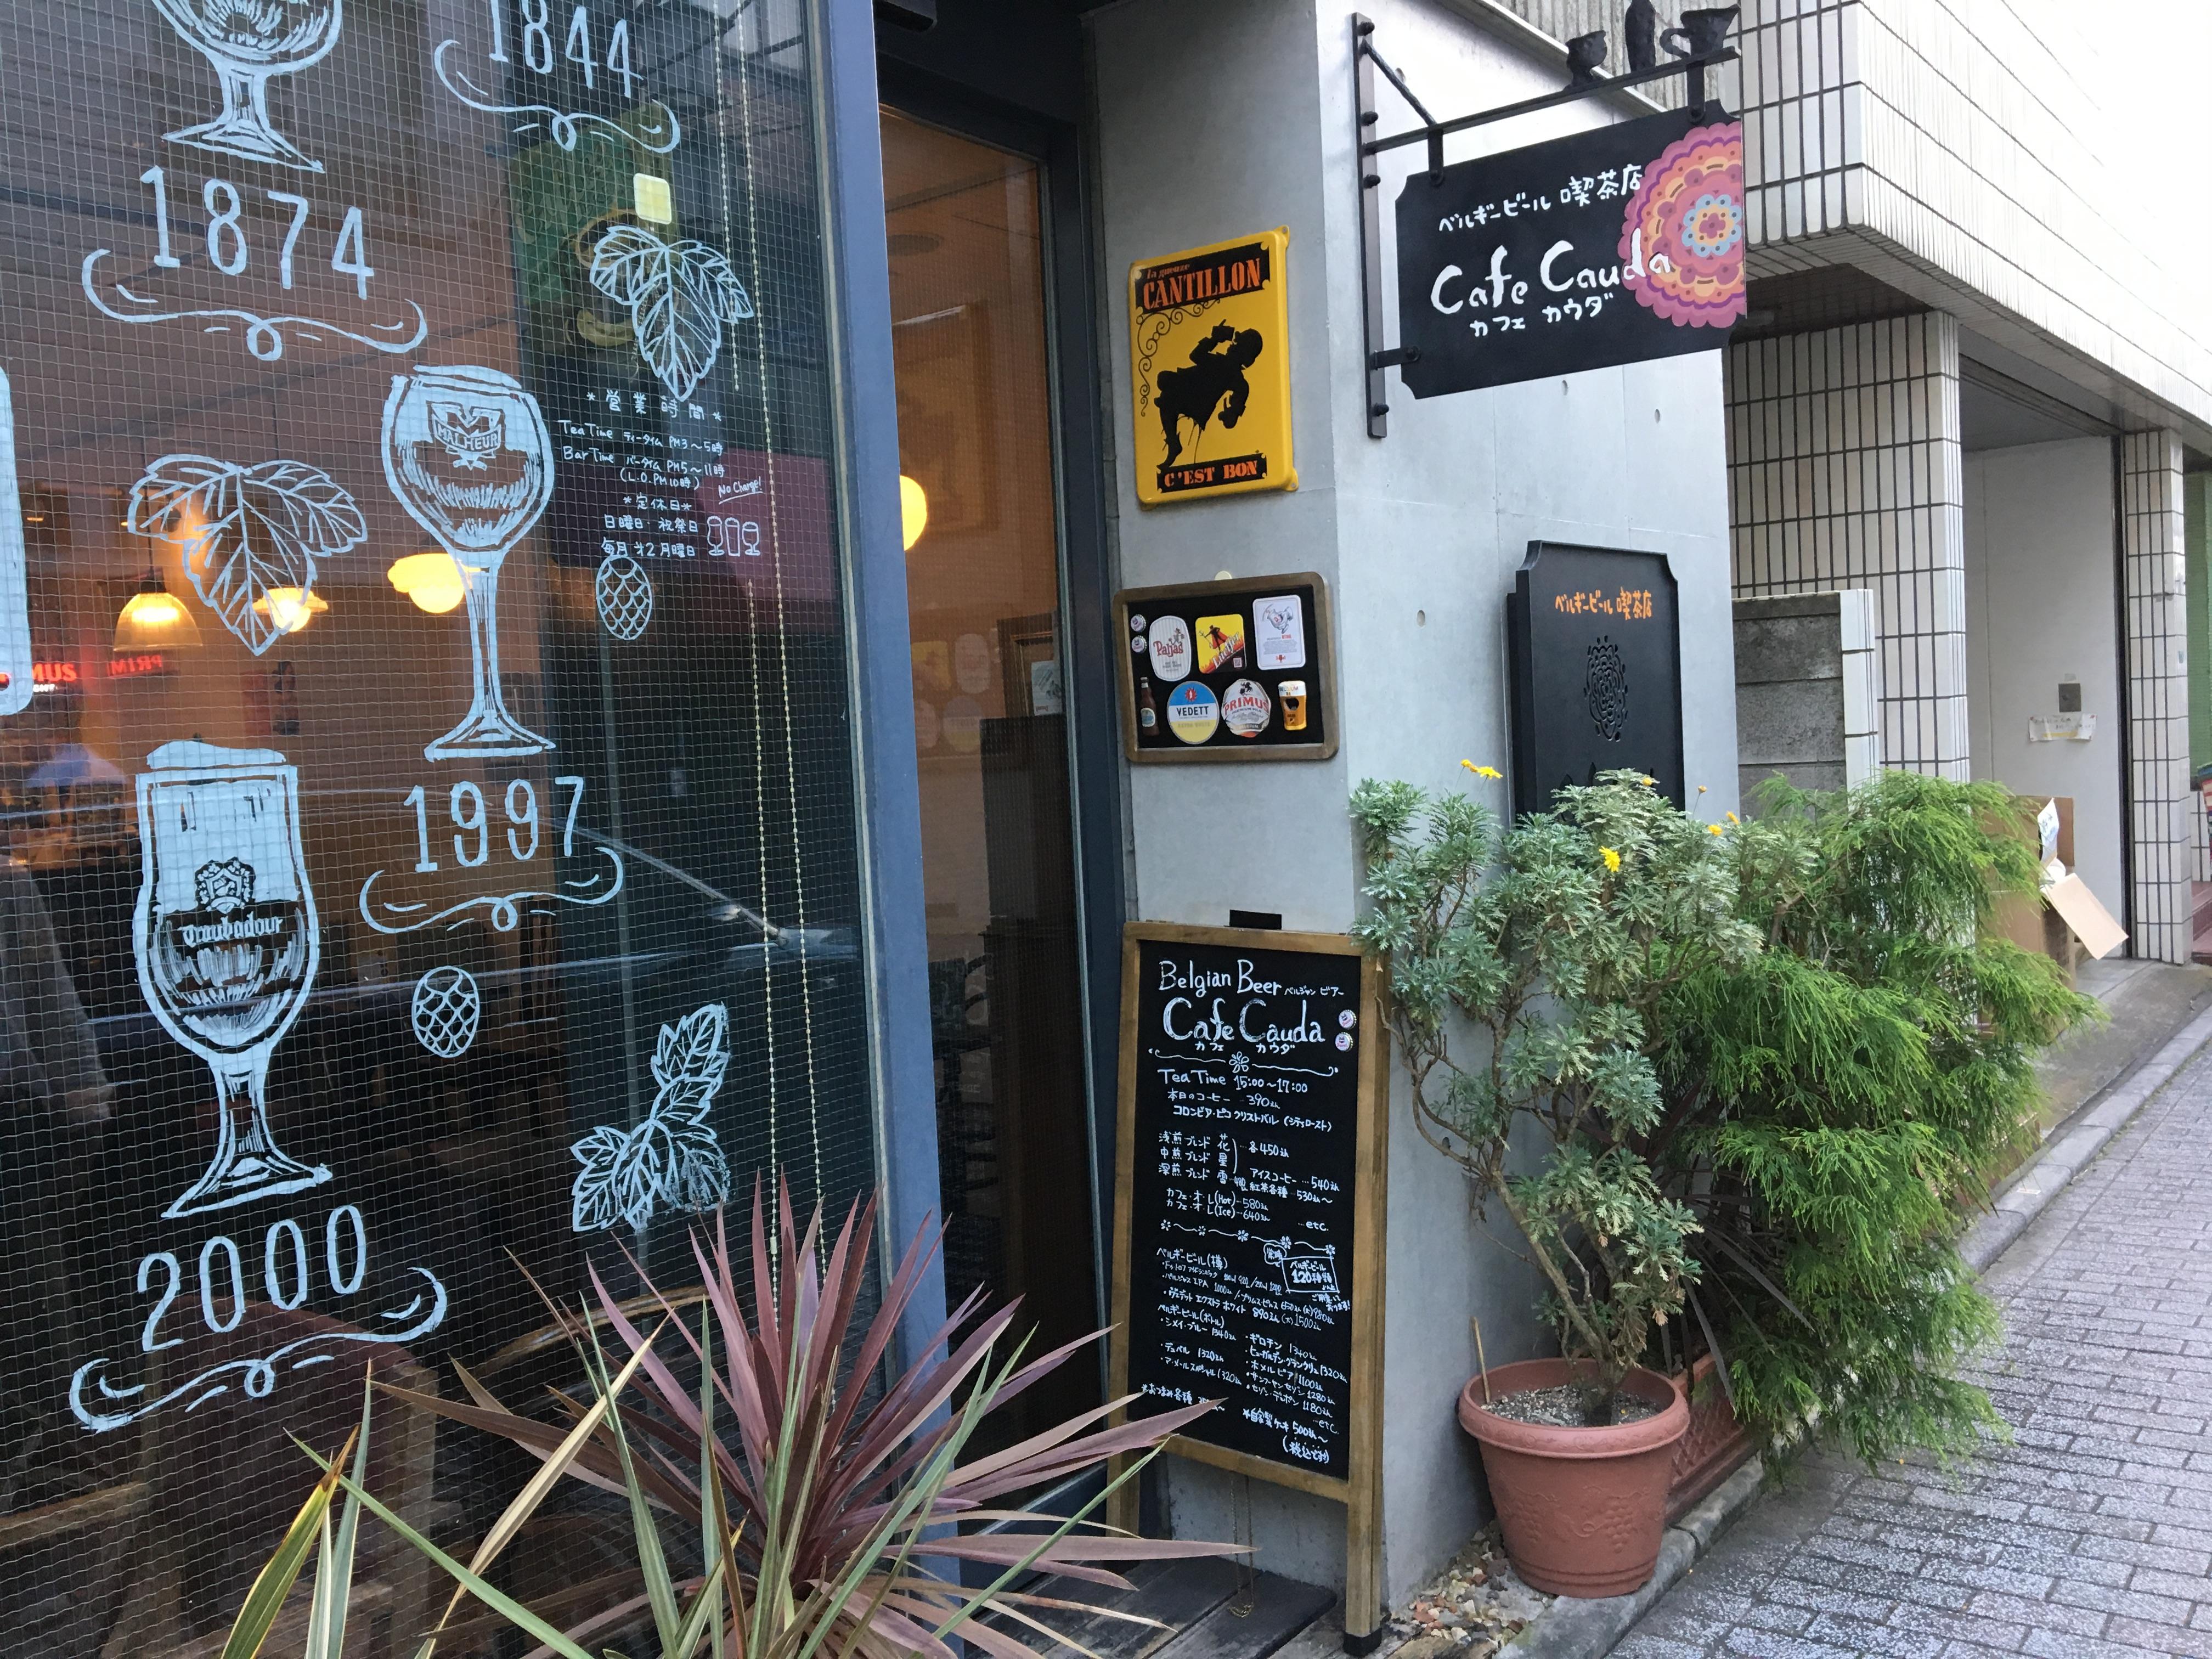 カフェ カウダ Cafe Cauda